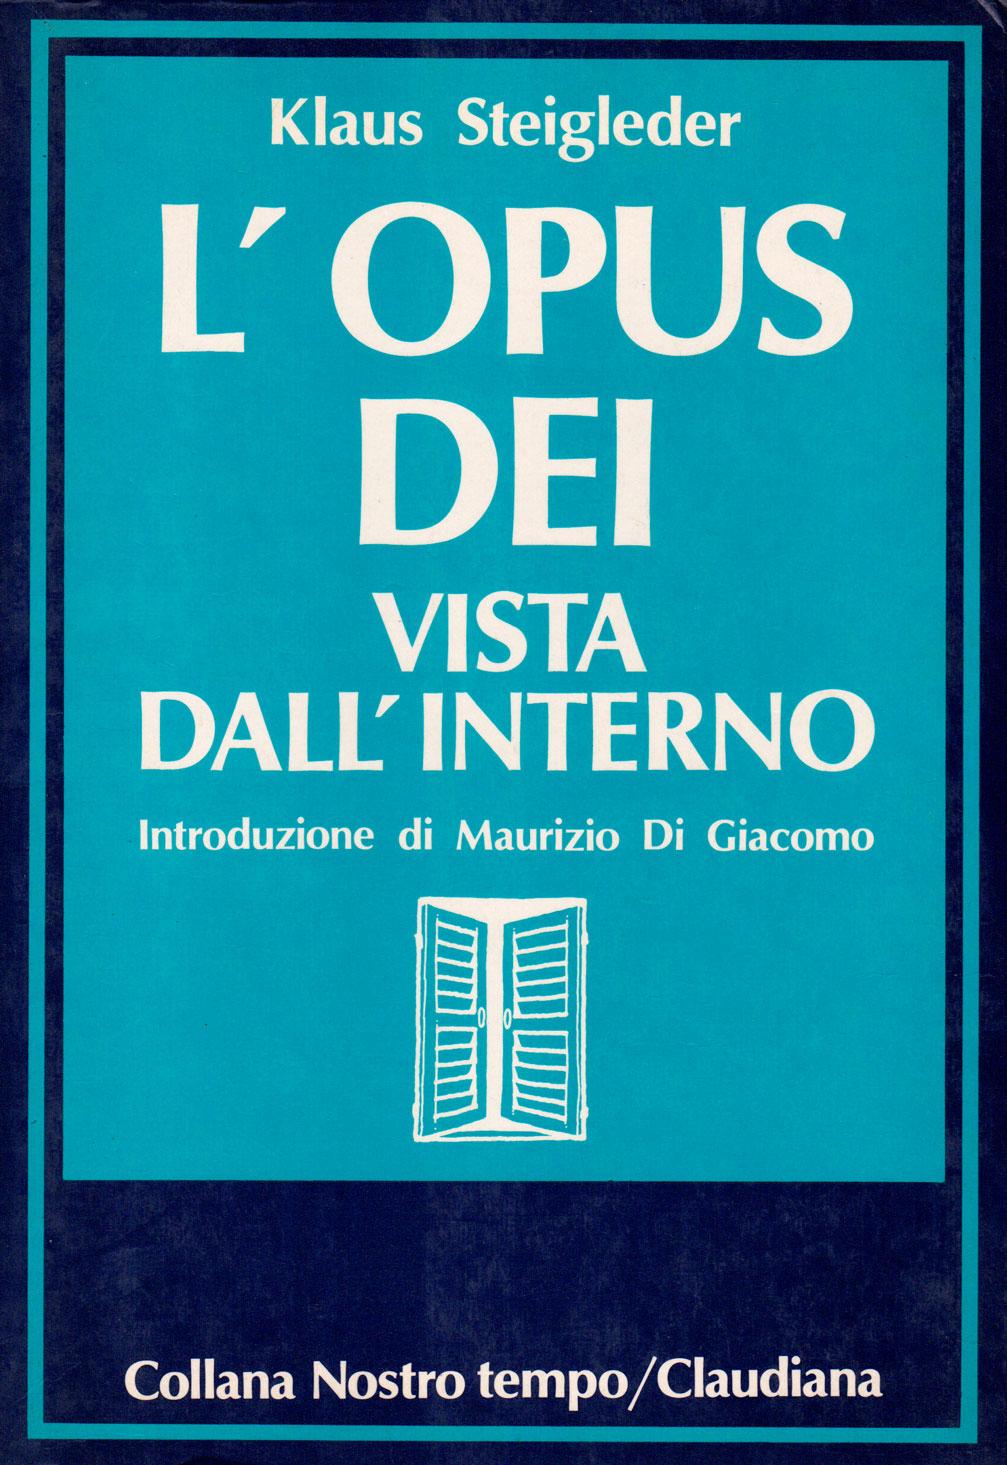 L'Opus Dei vista dall'interno